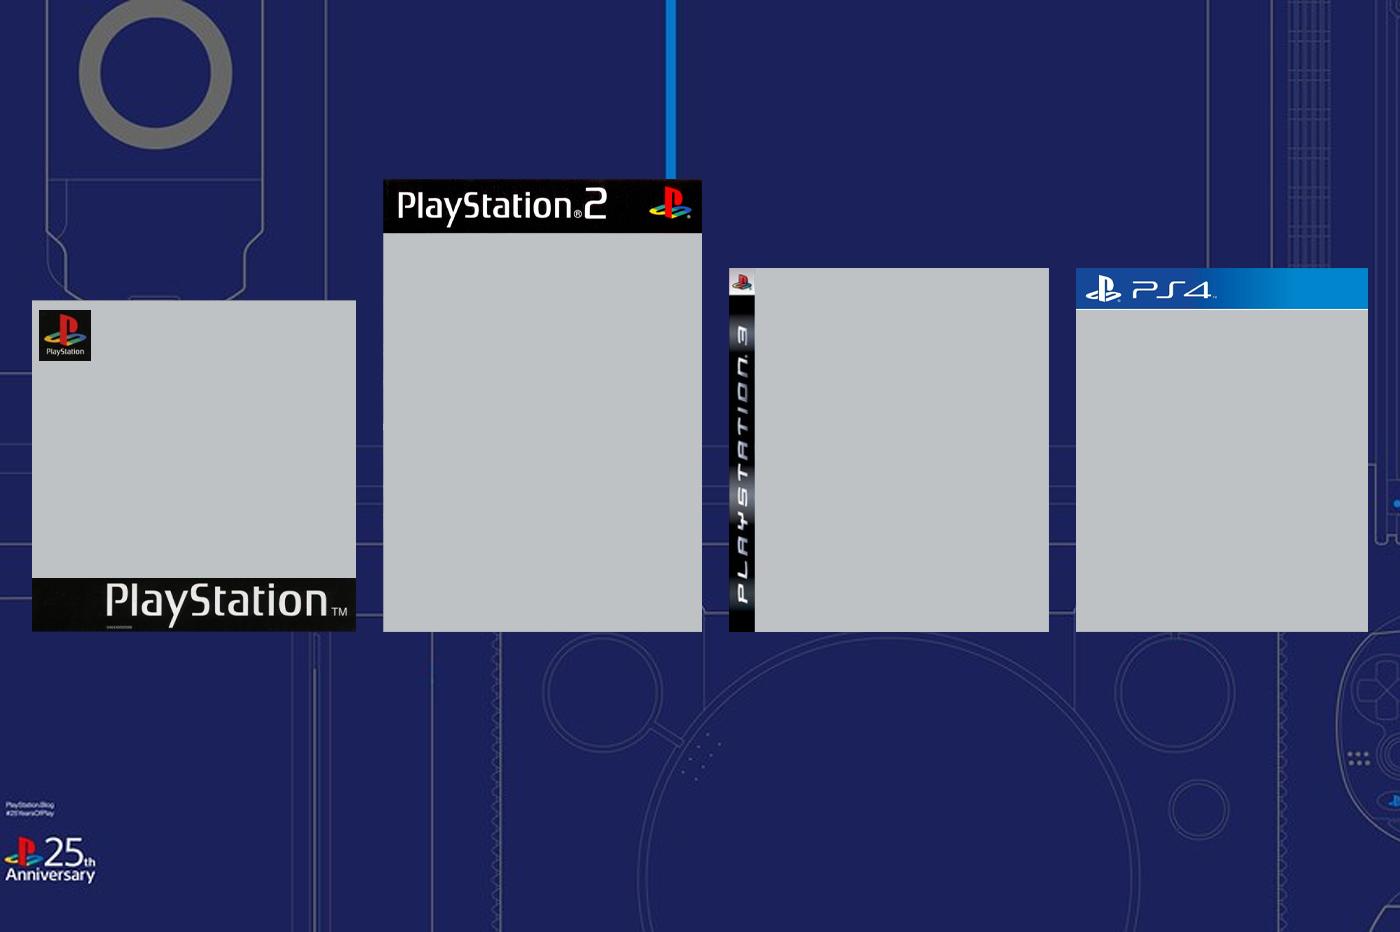 Rétrocompatibilité PS5